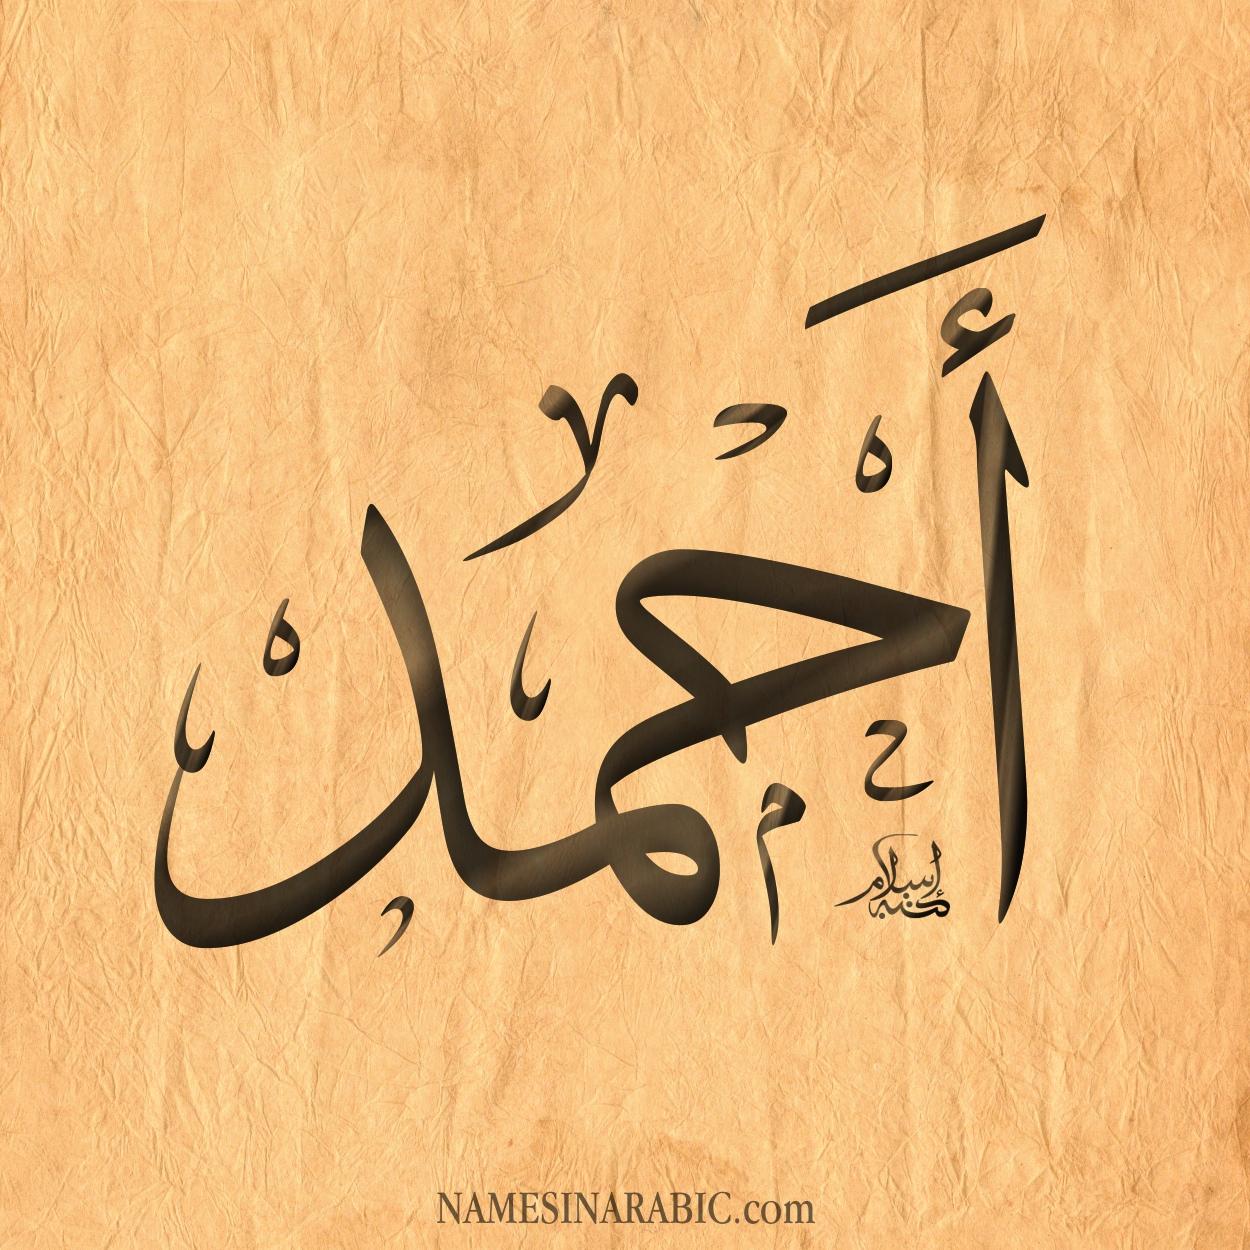 بالصور معنى اسم احمد , معاني اروع للاسم احمد 3474